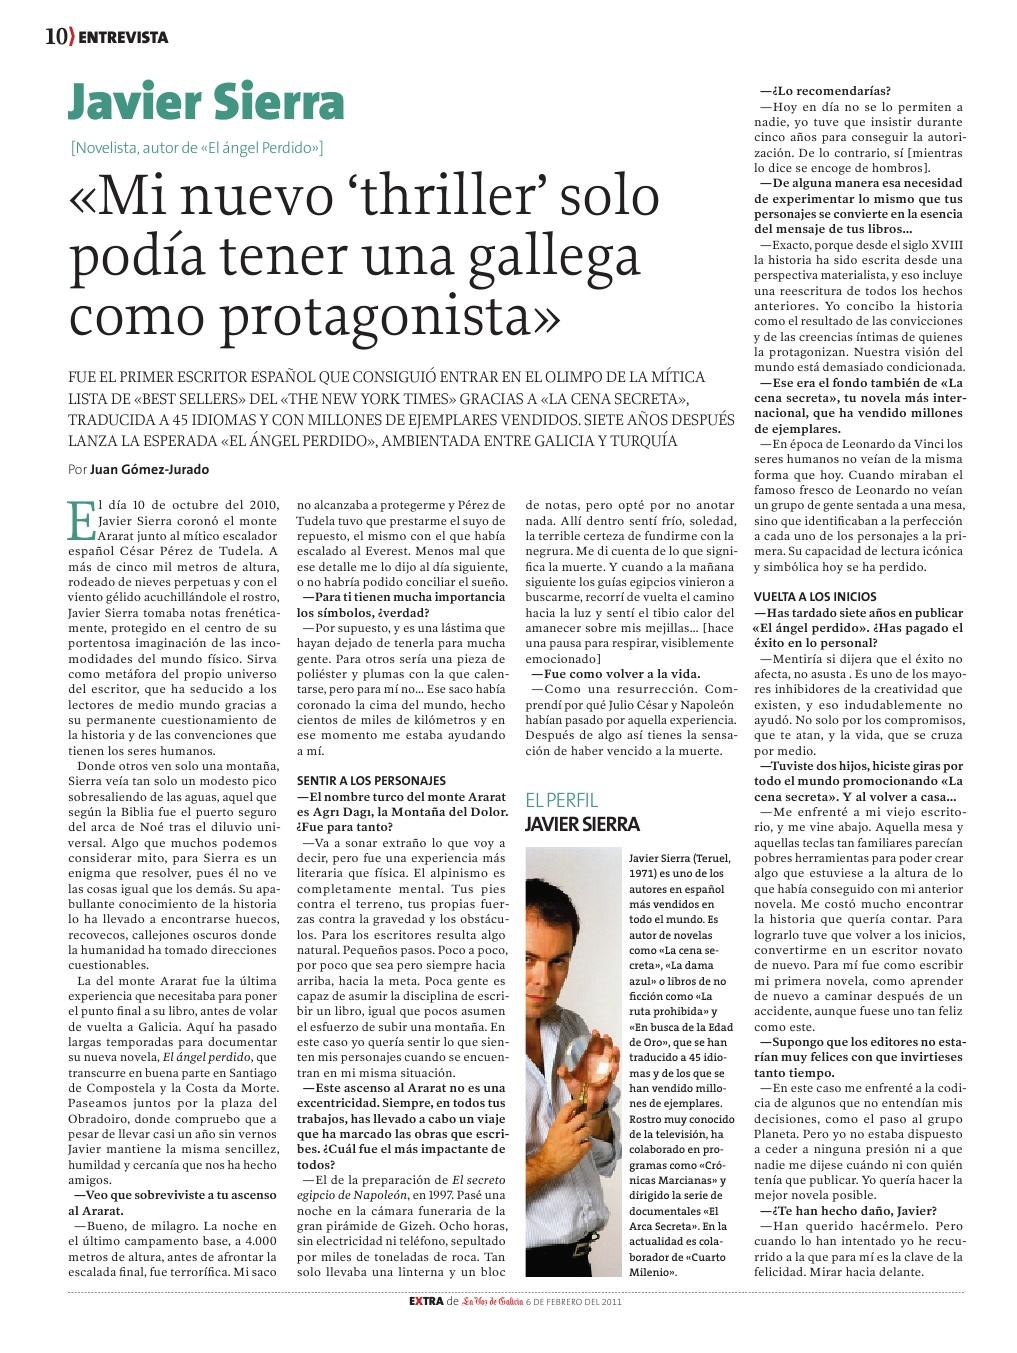 20110206 LA VOZ DE GALICIA Mi nuevo thriller solo podía tener una gallega como protagonista